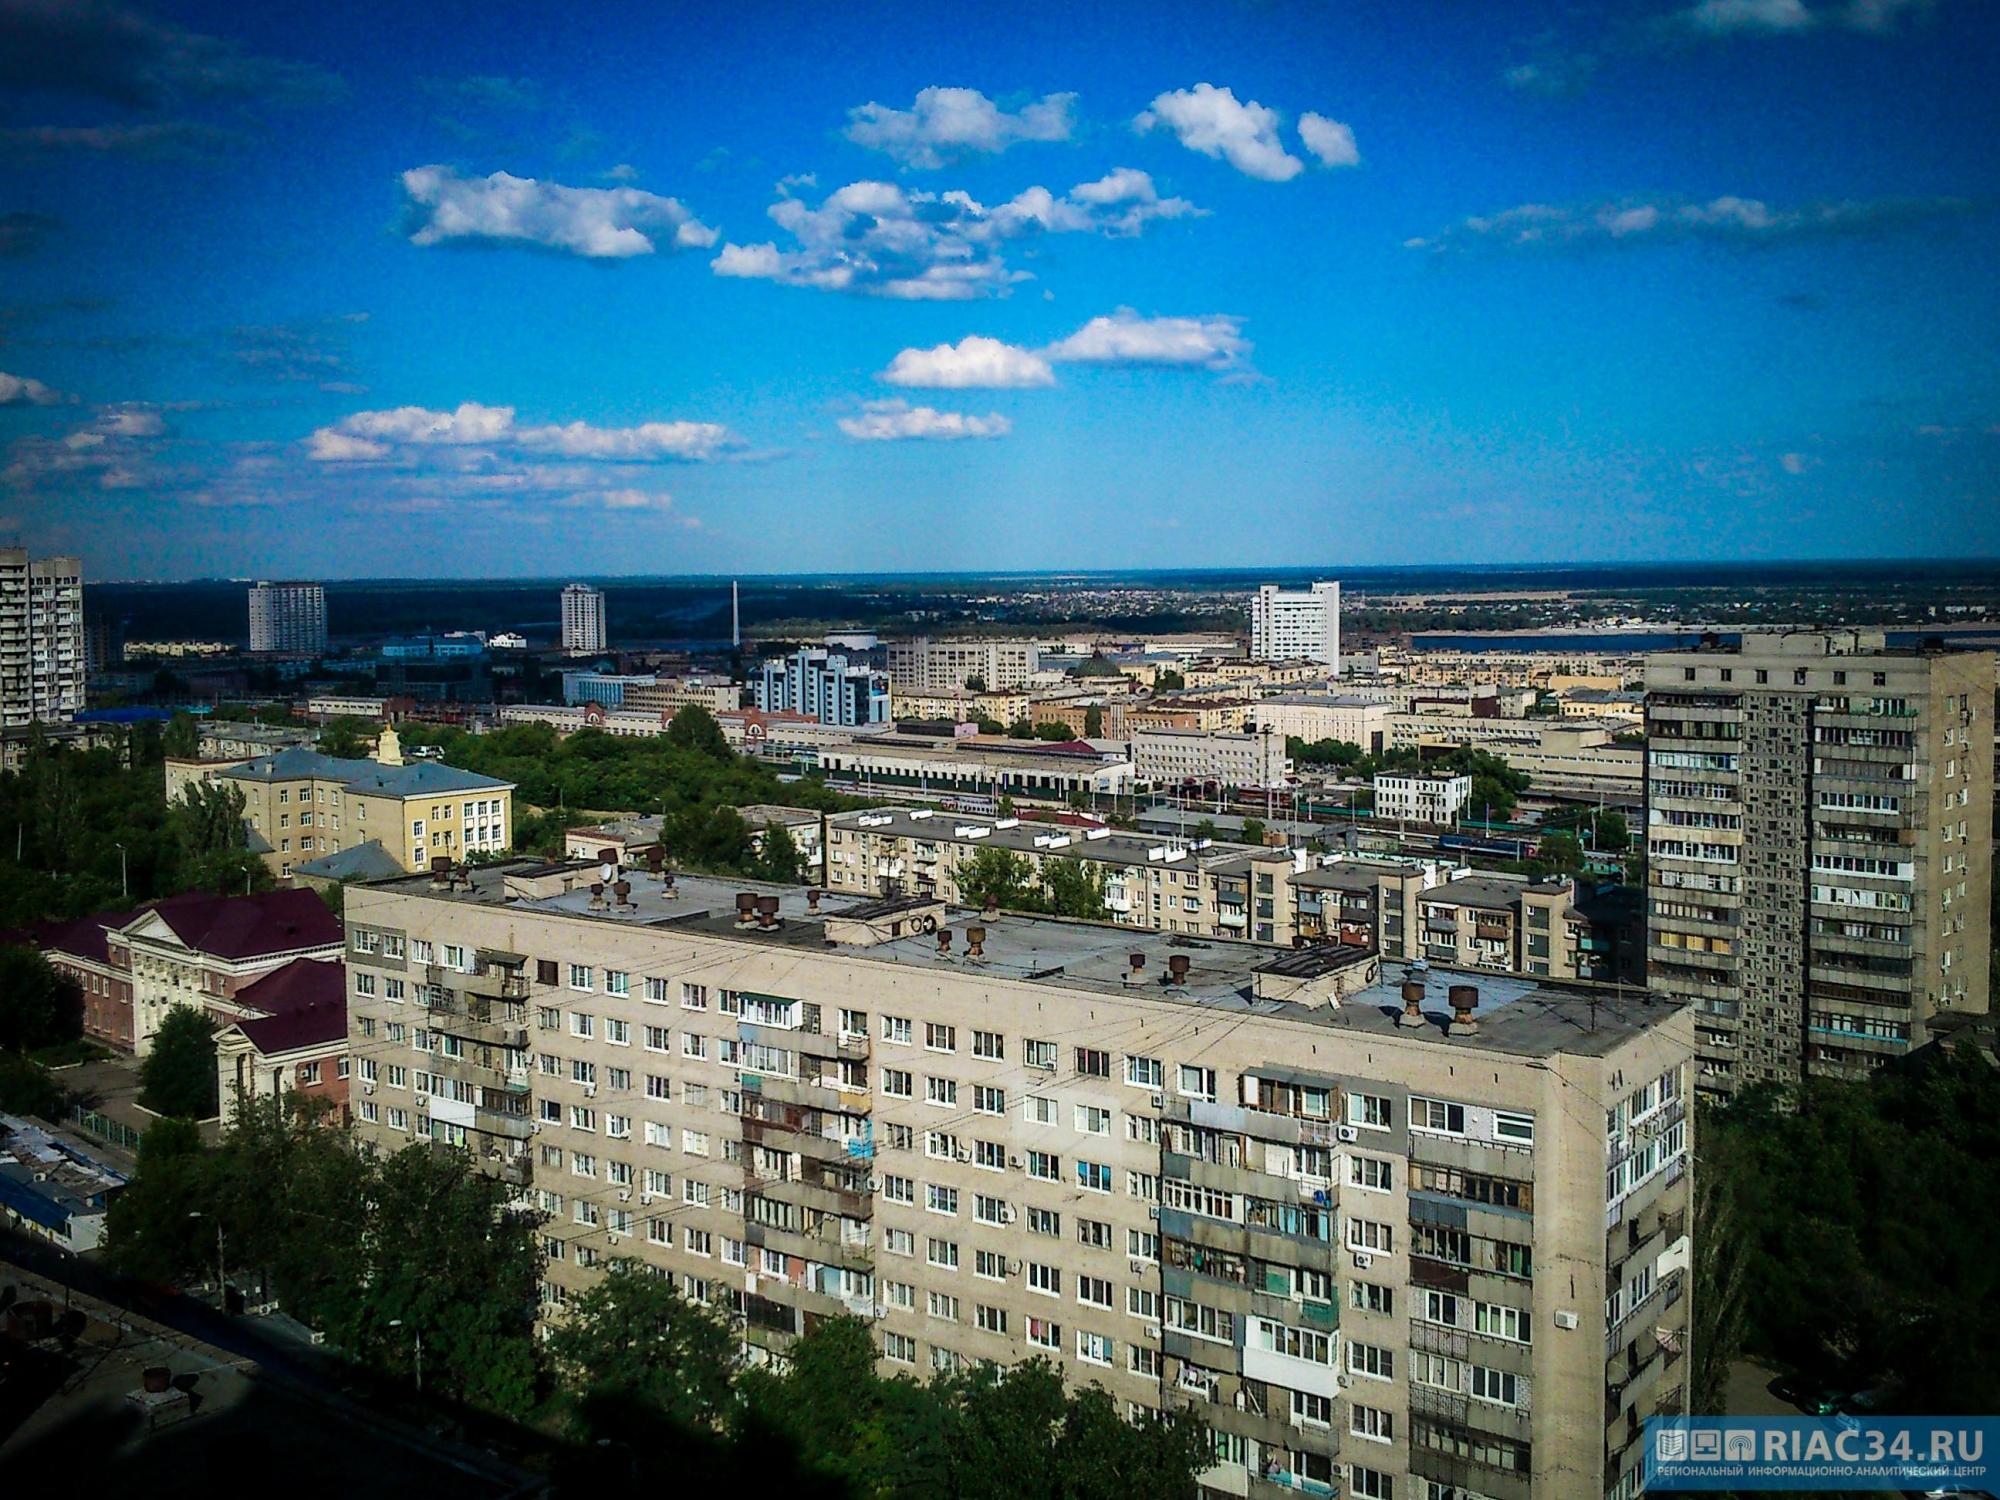 Залюбовь кпроверкам наказали сотрудника Роспотребнадзора Волгоградской области